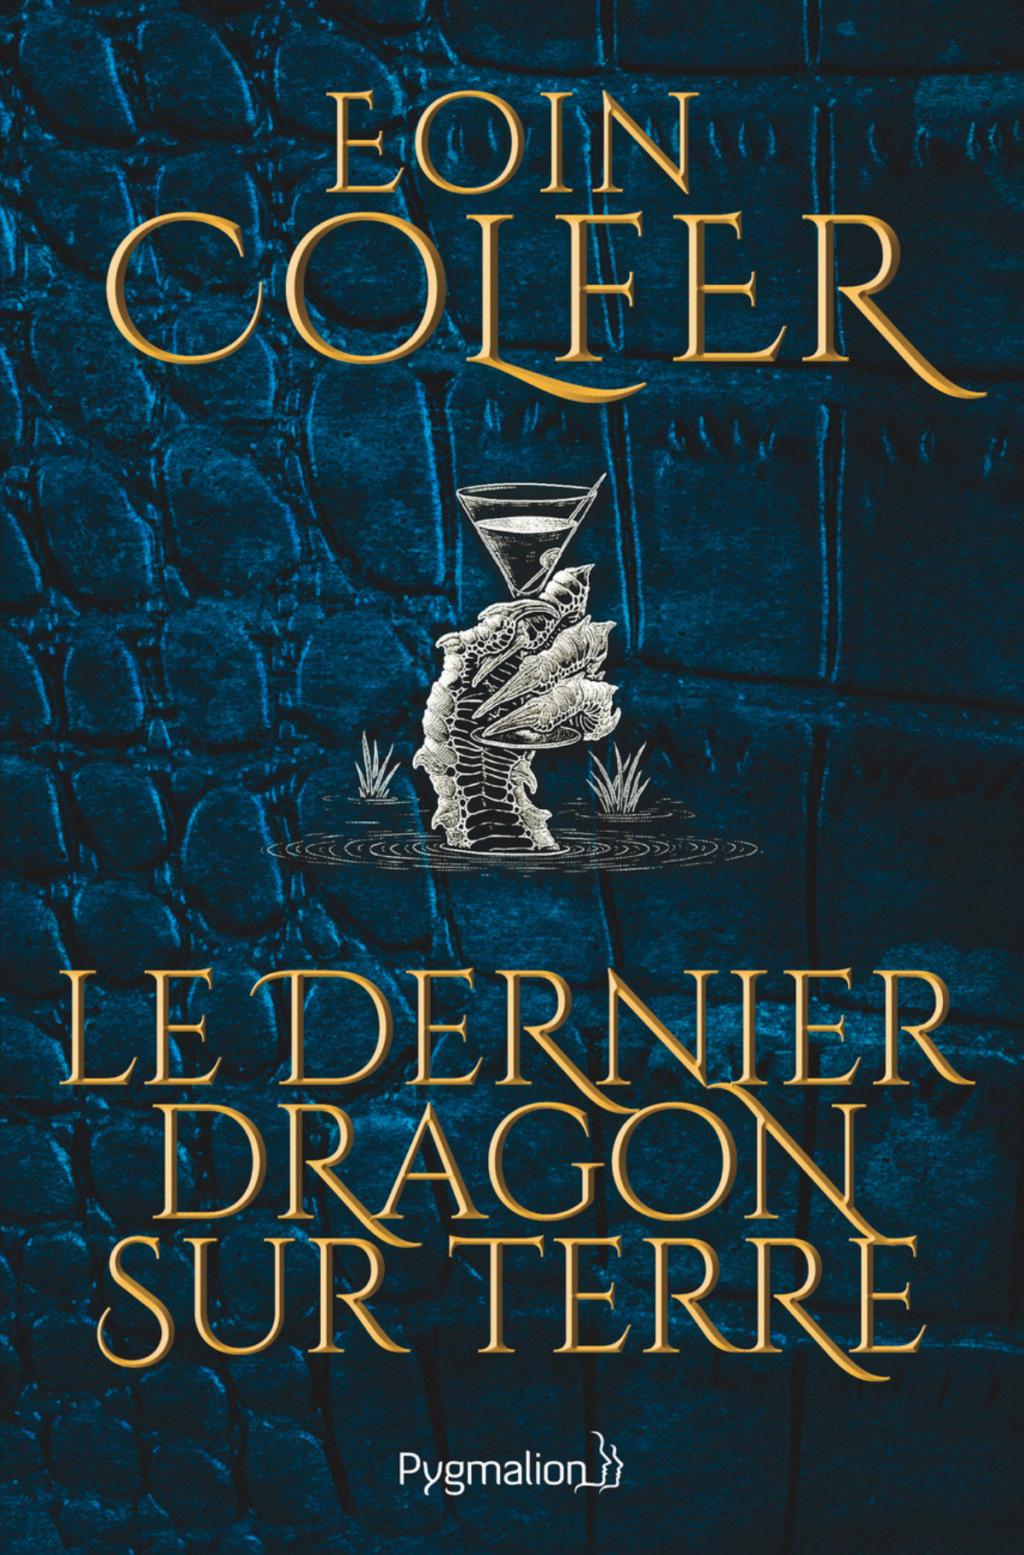 COLFER Eoin - Le dernier dragon sur Terre Z2nzom10